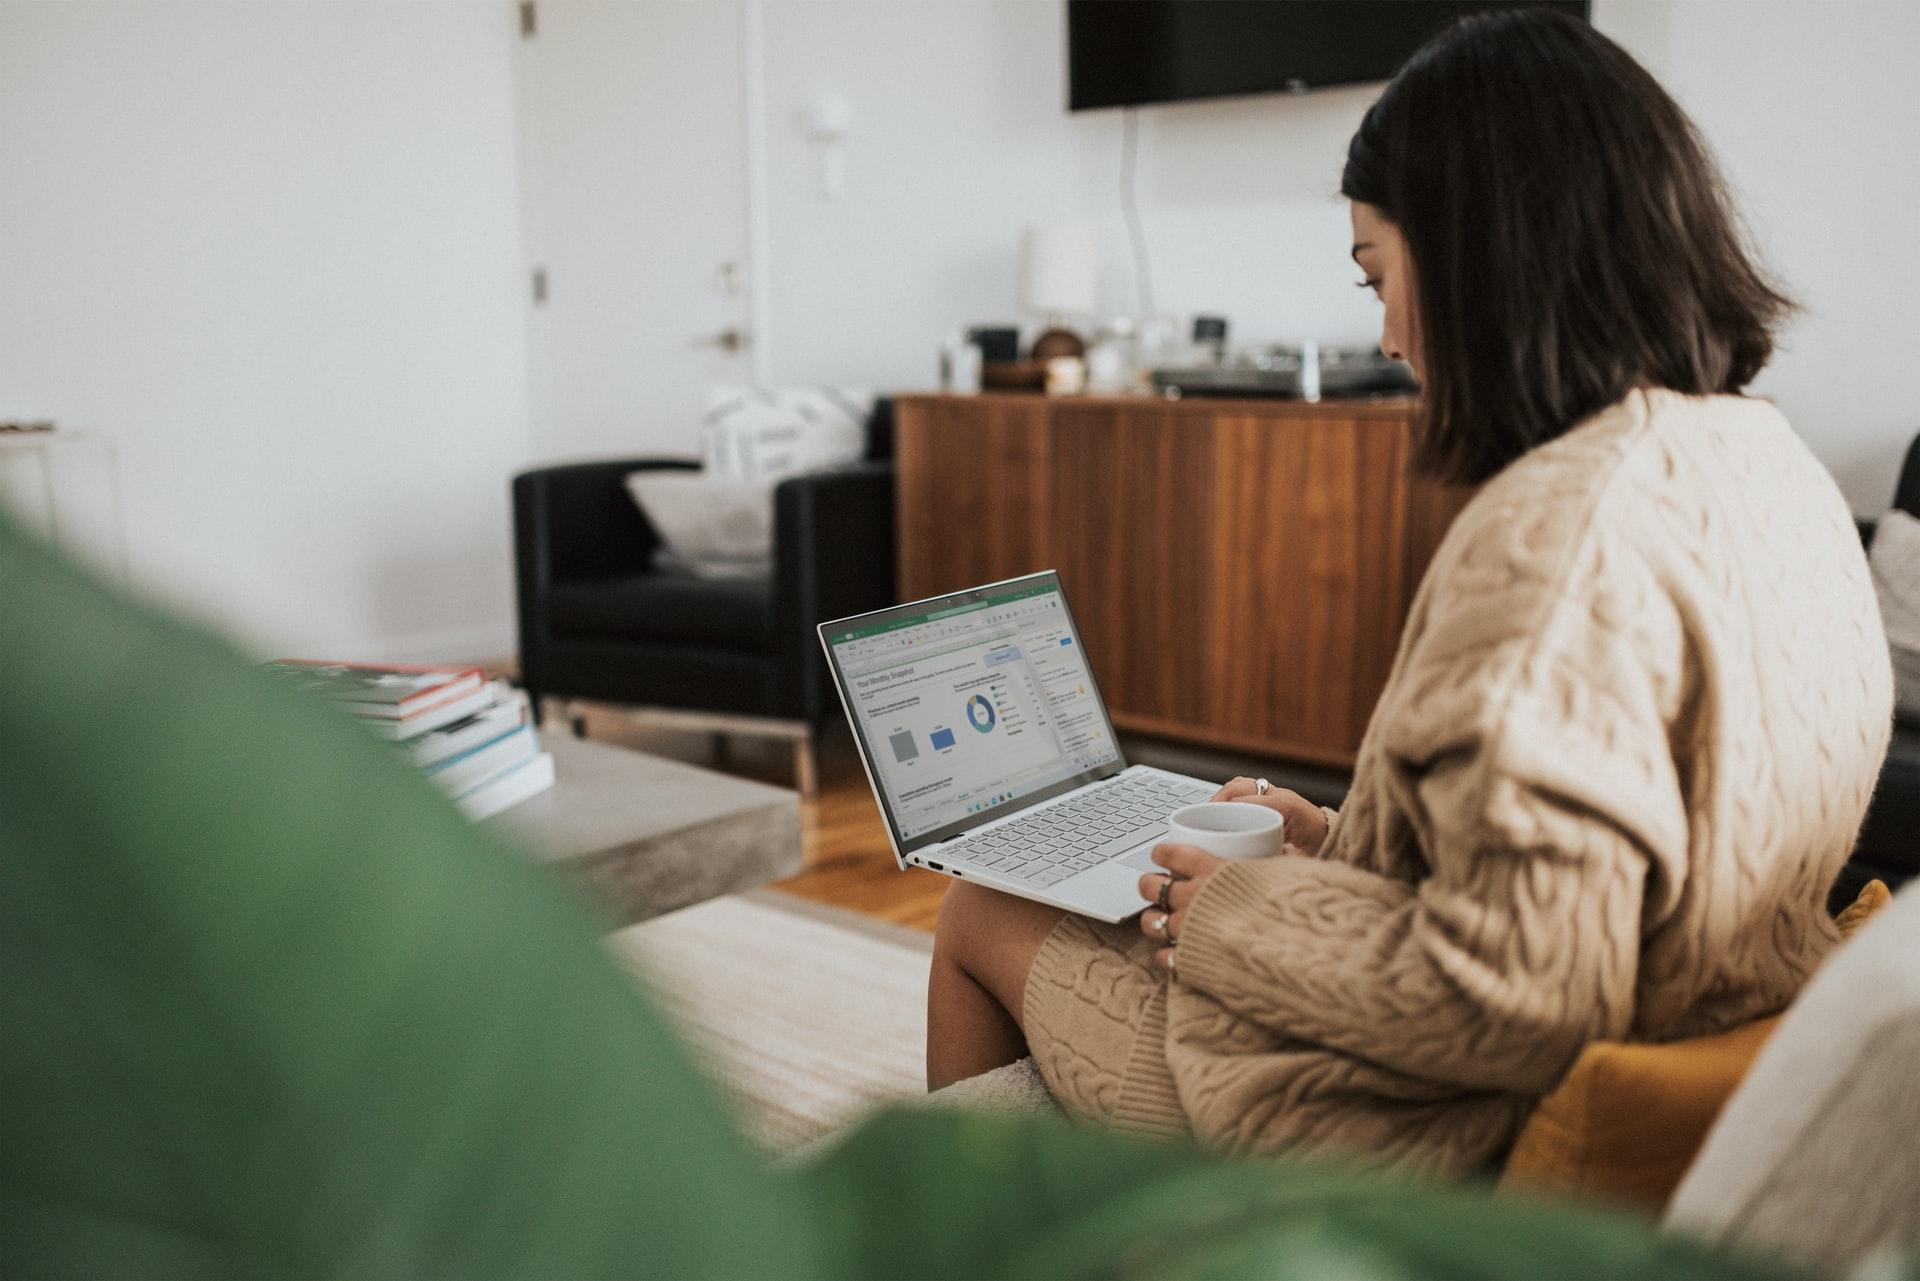 オンラインでプログラミングを学ぶ女性